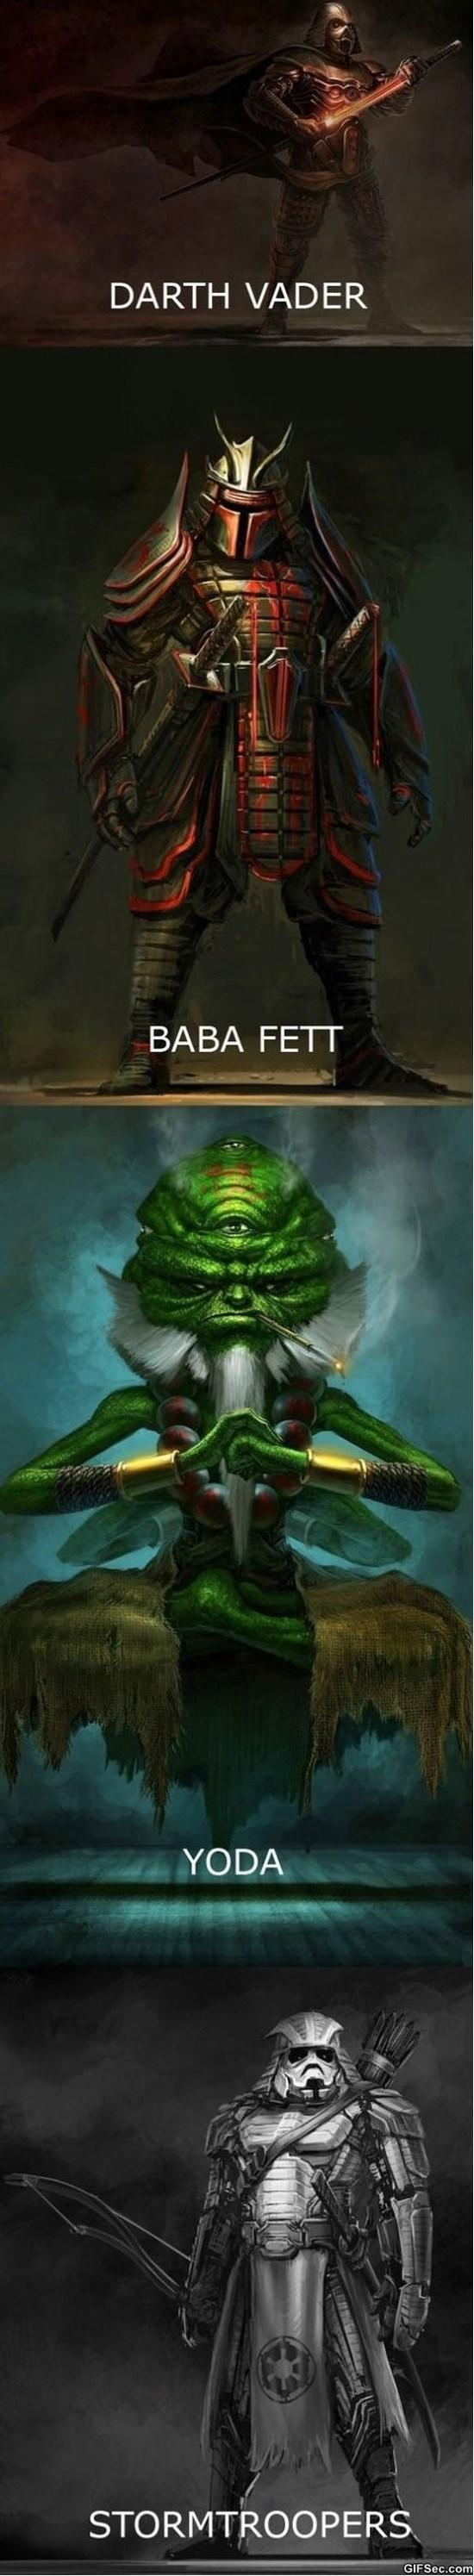 samurai-star-wars-meme-2015